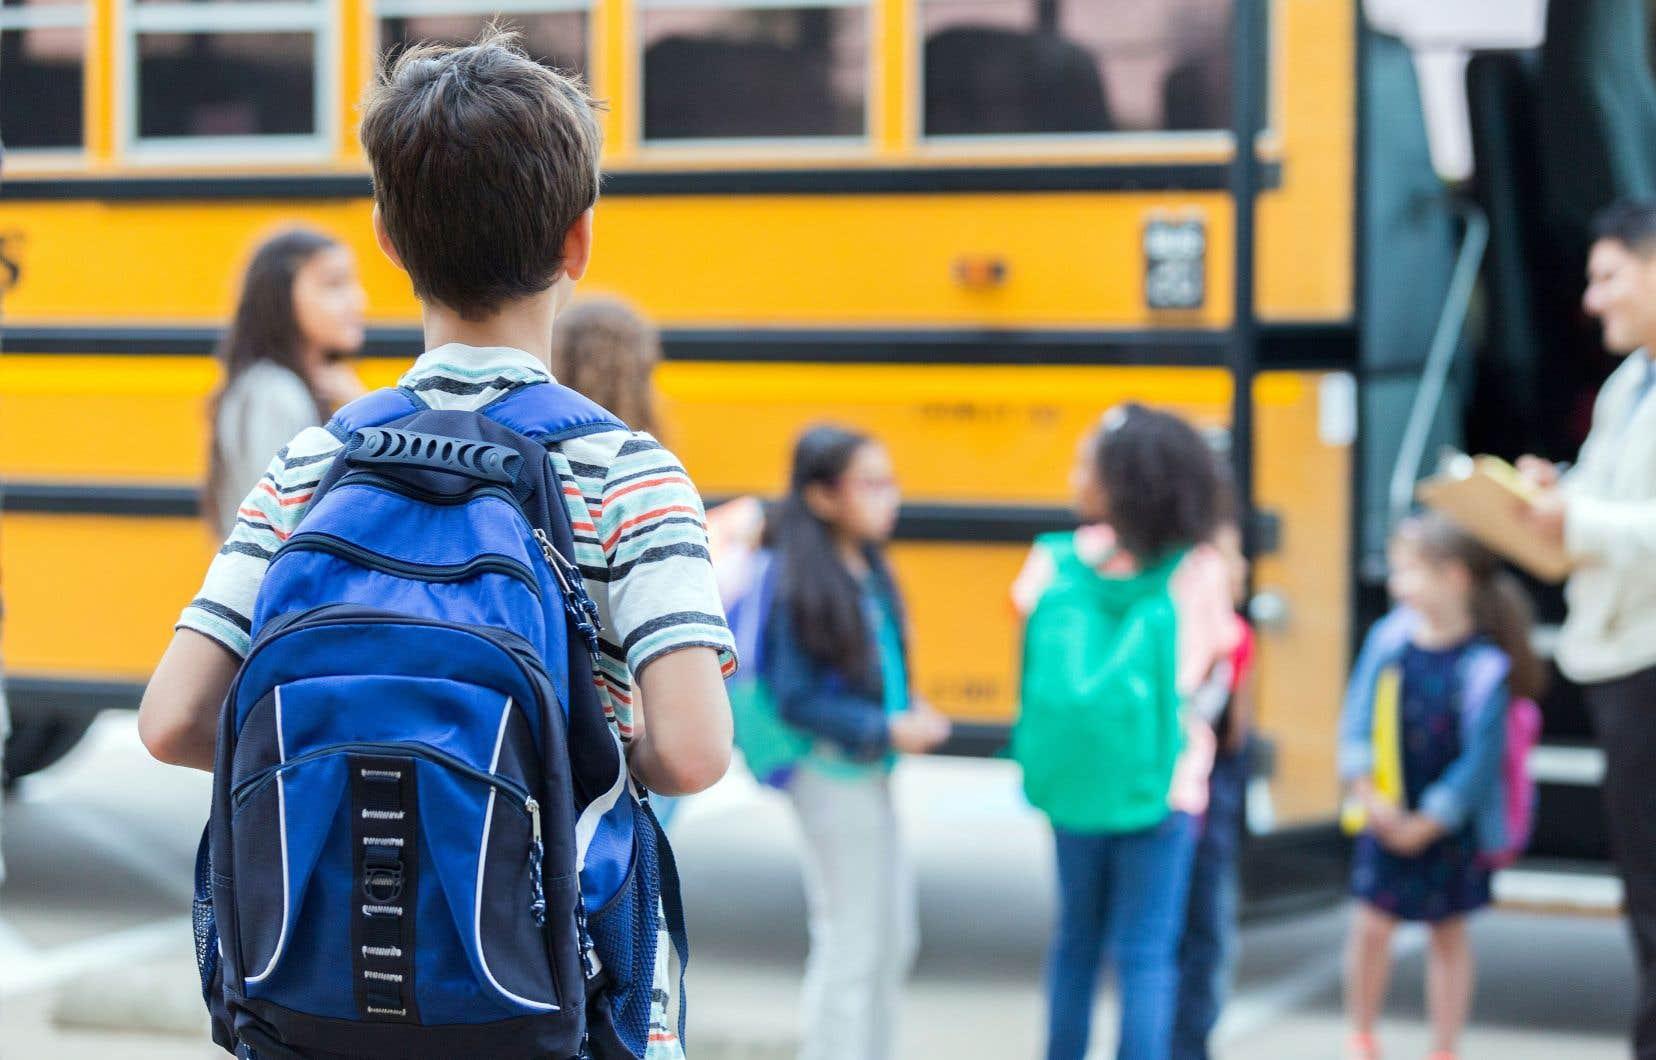 Les différentes mesures de financement gouvernementales ne couvrent pas tous les frais. Le transport par autobus, pour effectuer des sorties culturelles, fait considérablement monter la facture, particulièrement pour les élèves du secondaire.